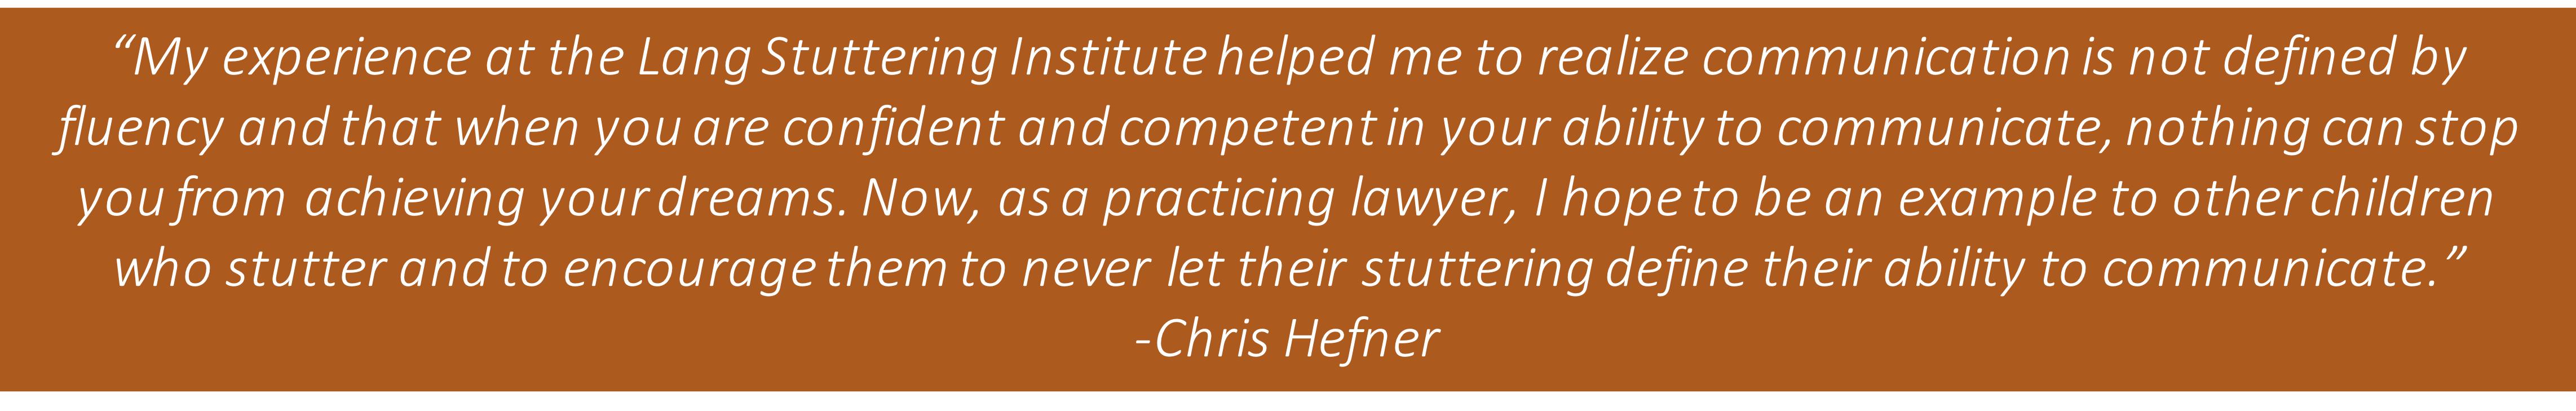 Chris Hefner Quote